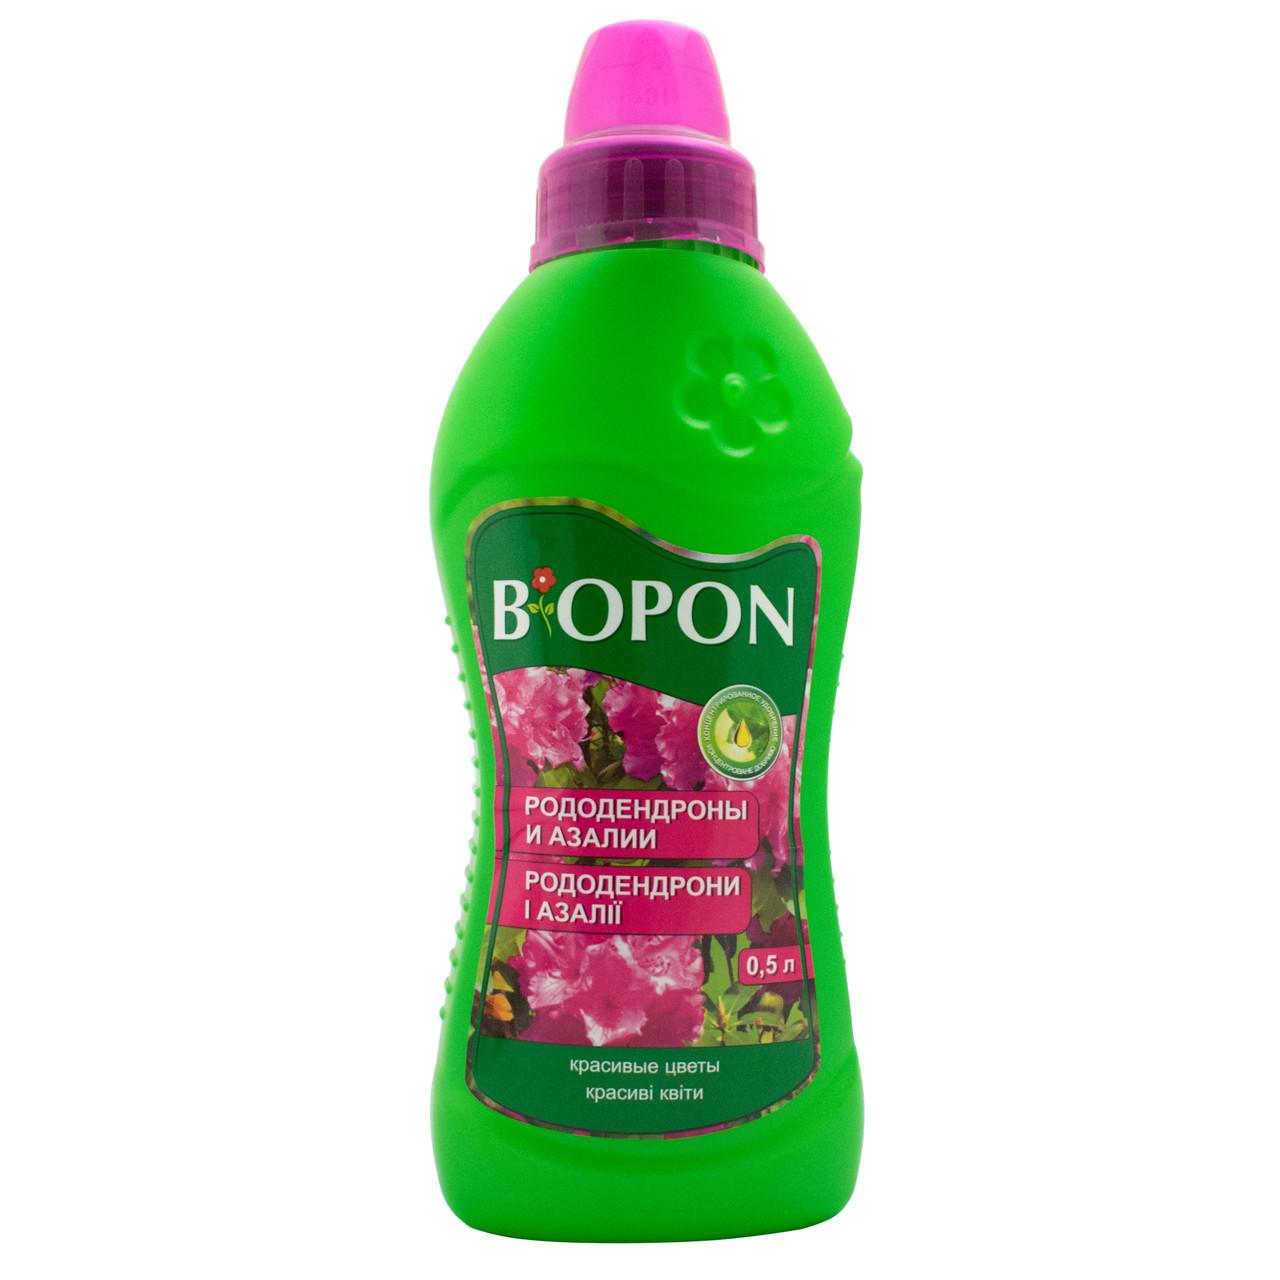 Удобрение Biopon для рододендронов и азалий 500 мл